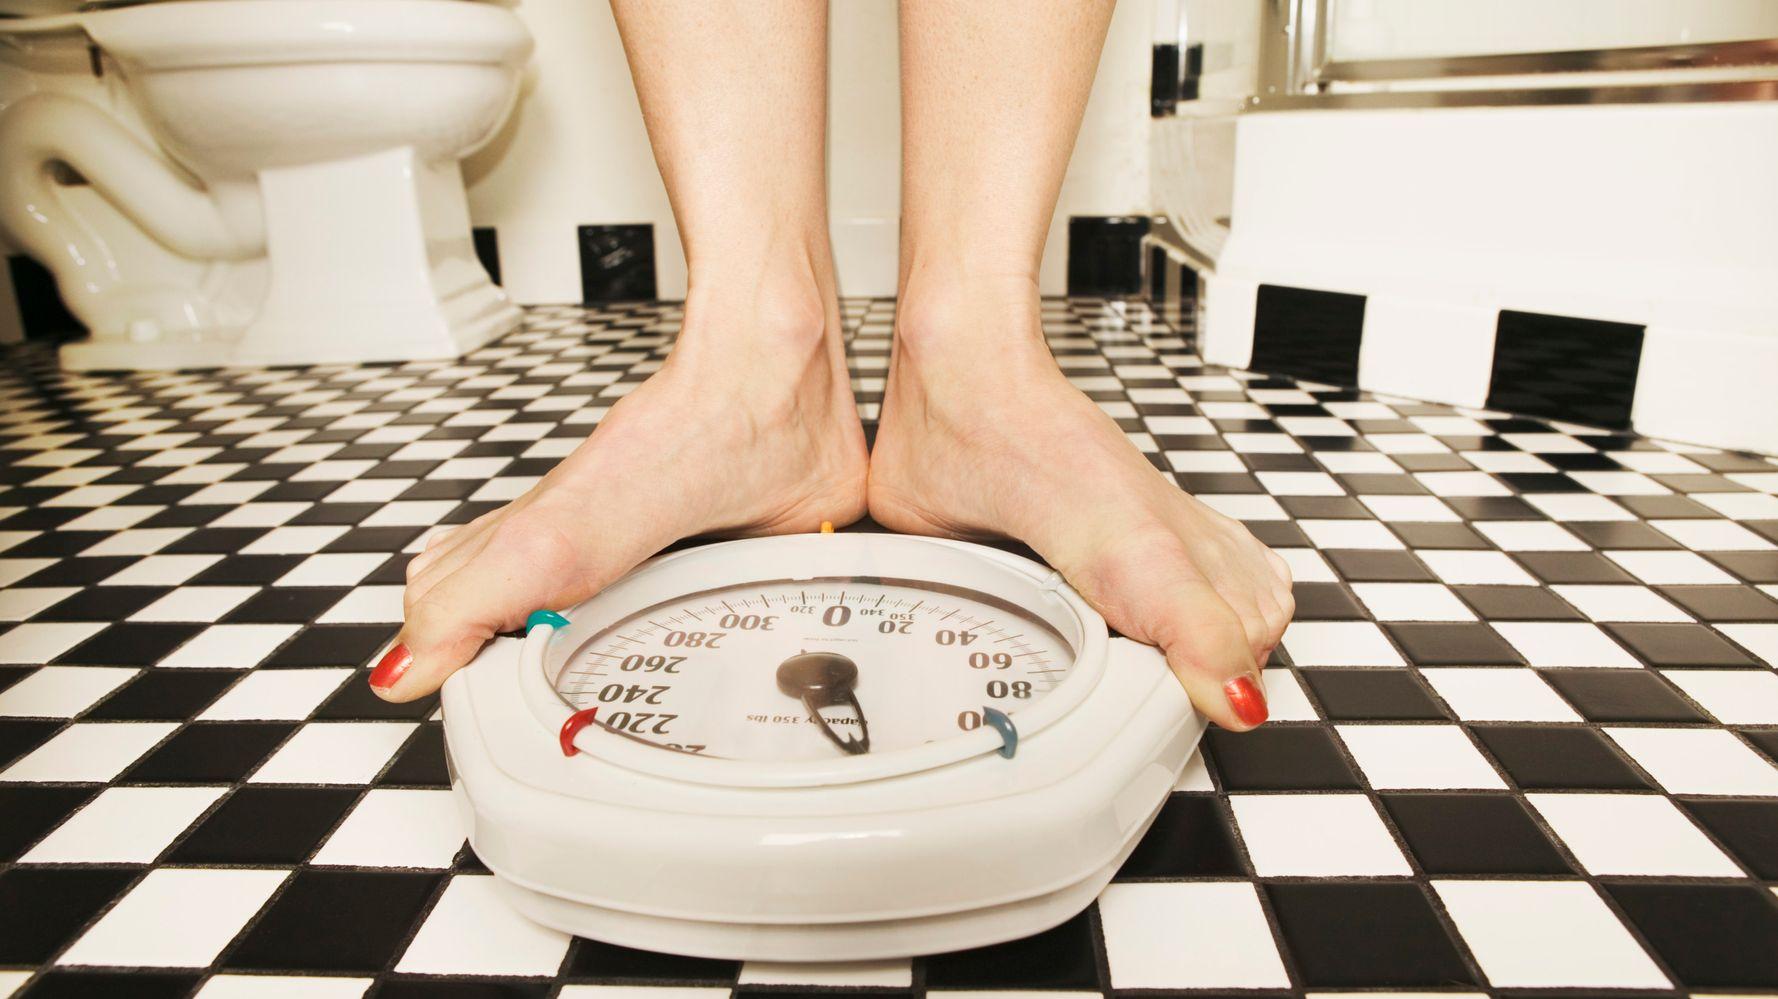 Yapılan şok diyetler şeker hastalığına yol açabilir #4